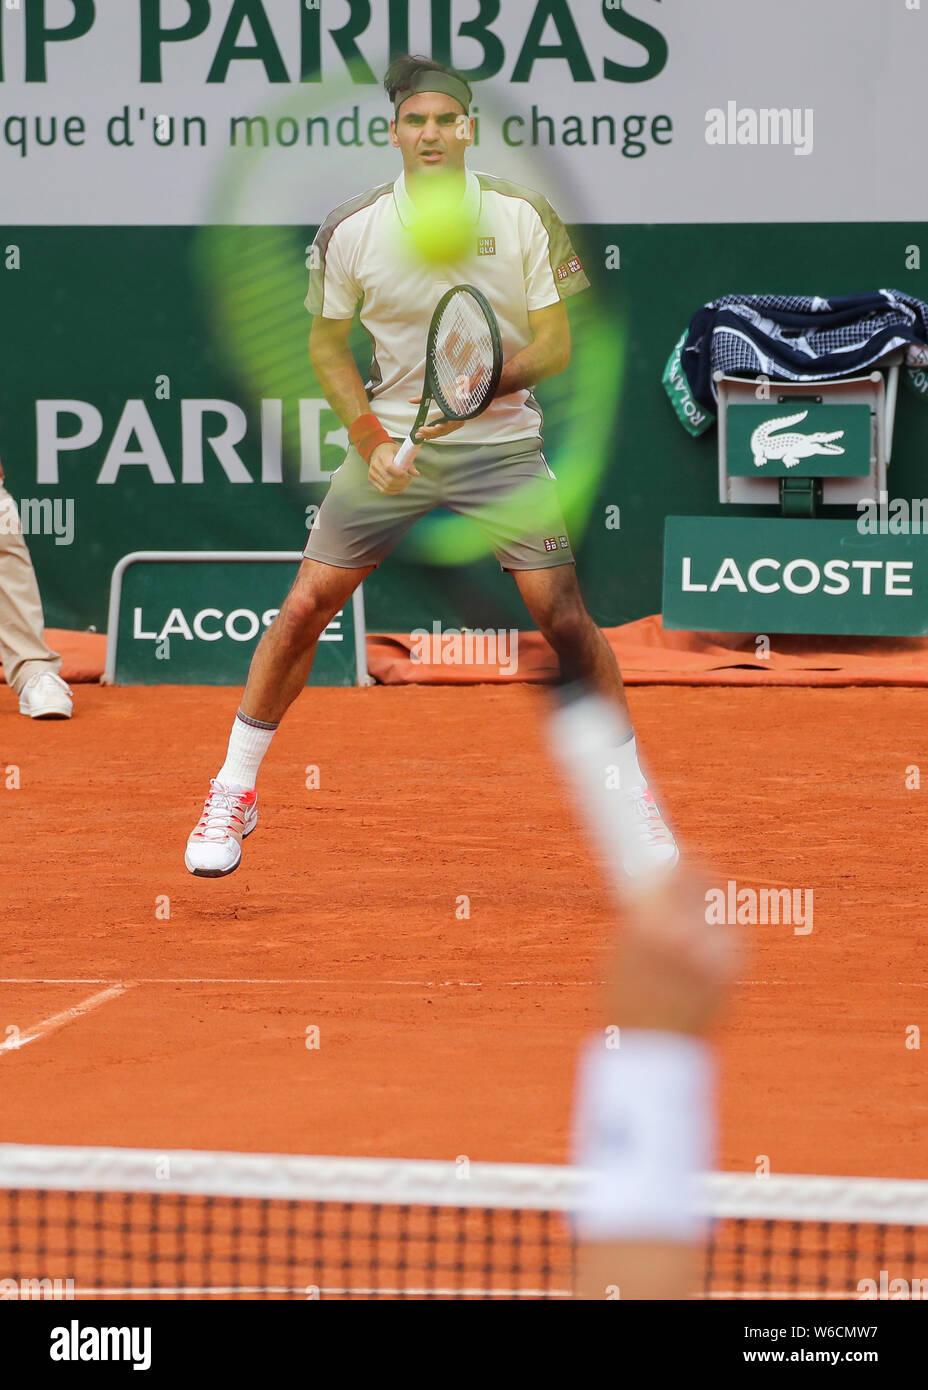 El tenista suizo Roger Federer espera de servicio baleado durante el Abierto de Francia 2019, París, Francia Foto de stock